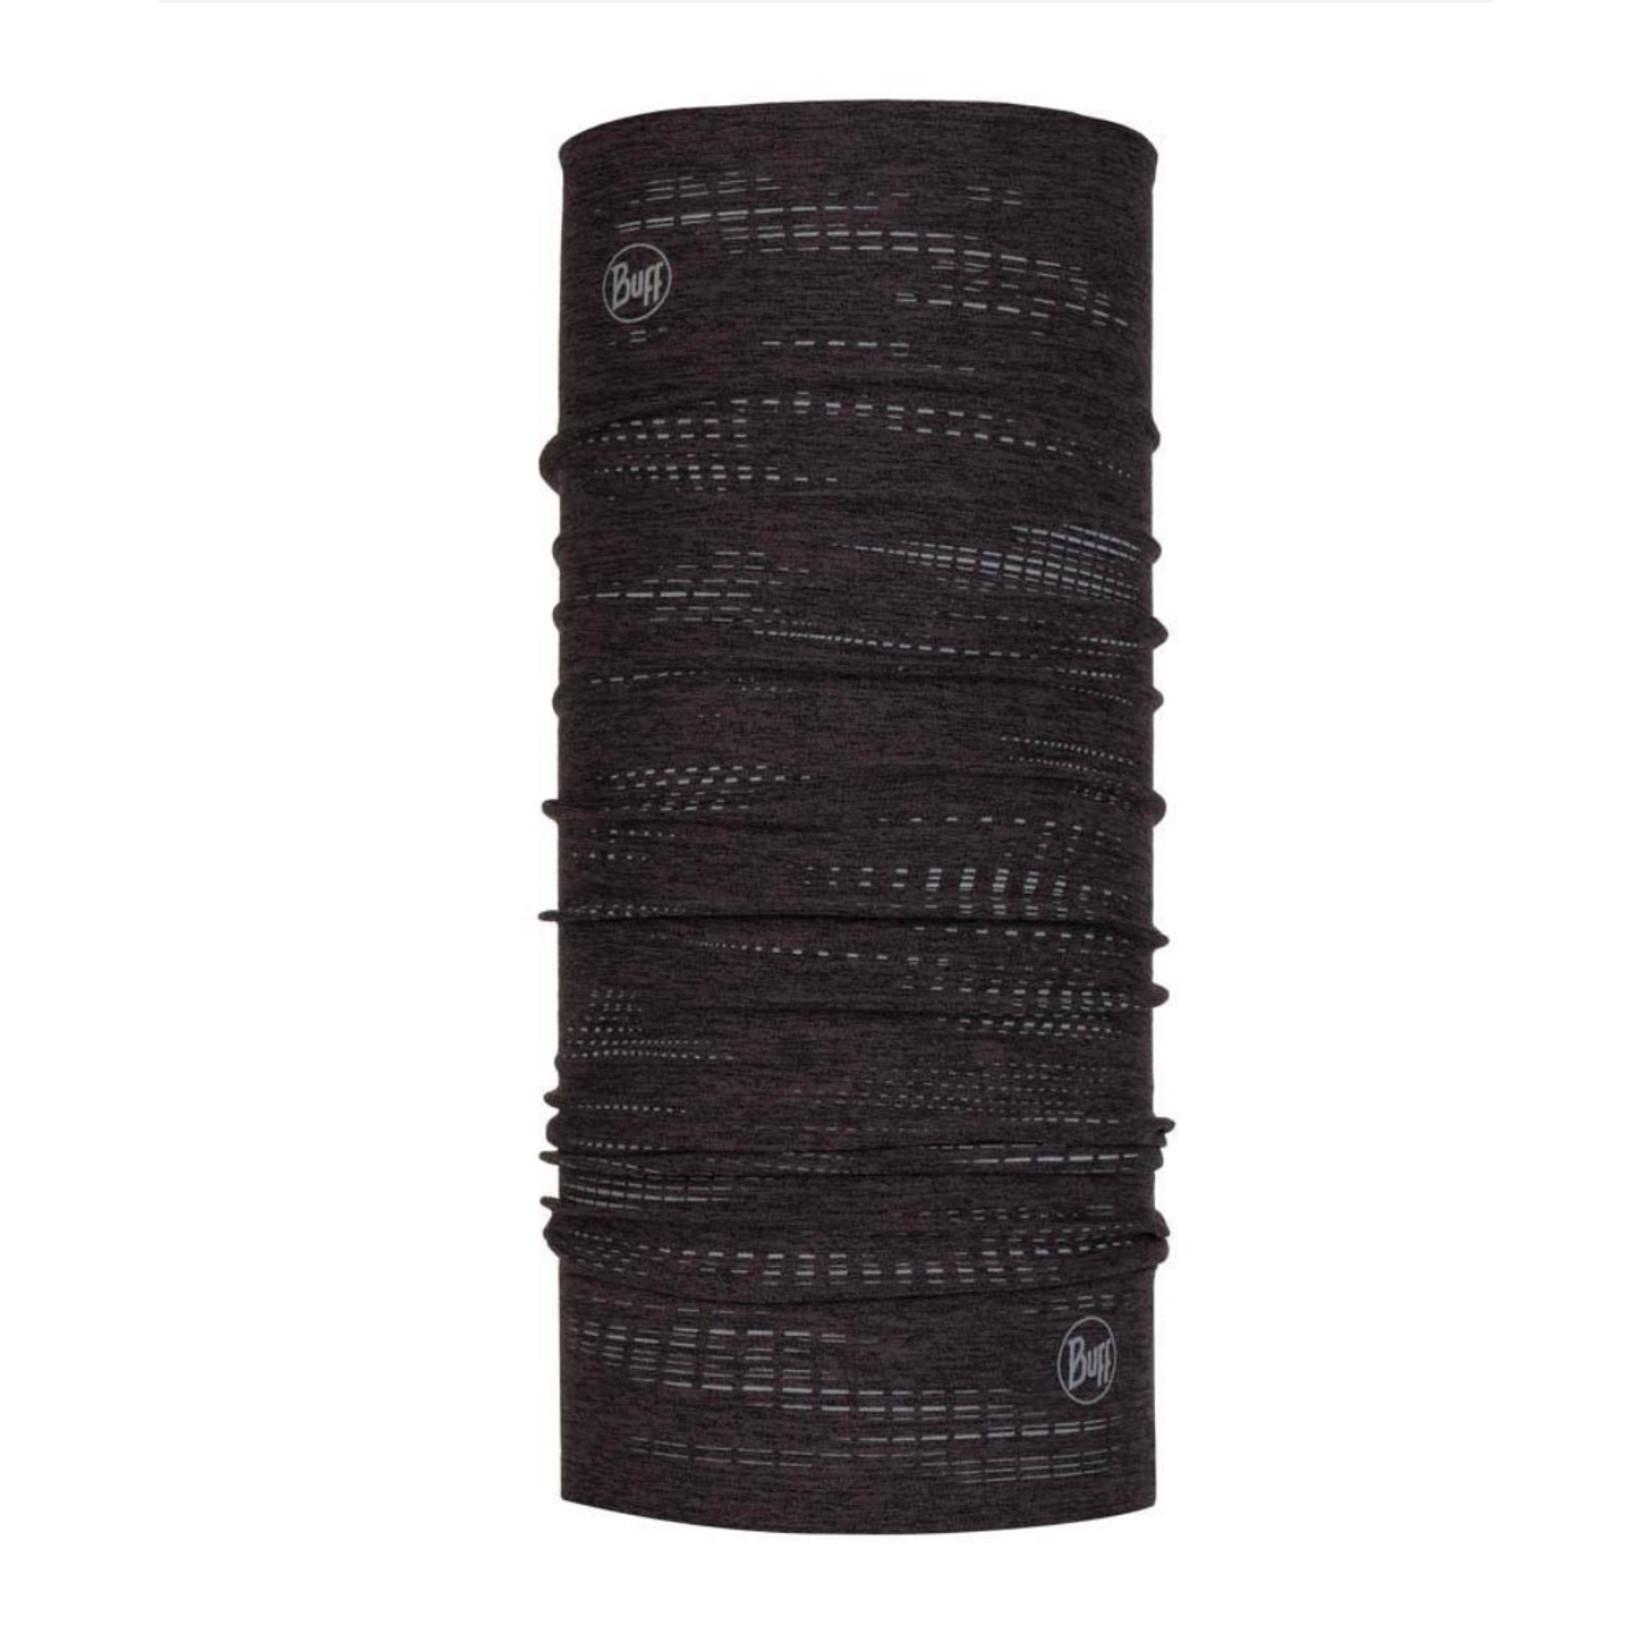 Buff Buff DryFlx+ Neck Warmer Reflective Black 121531.999